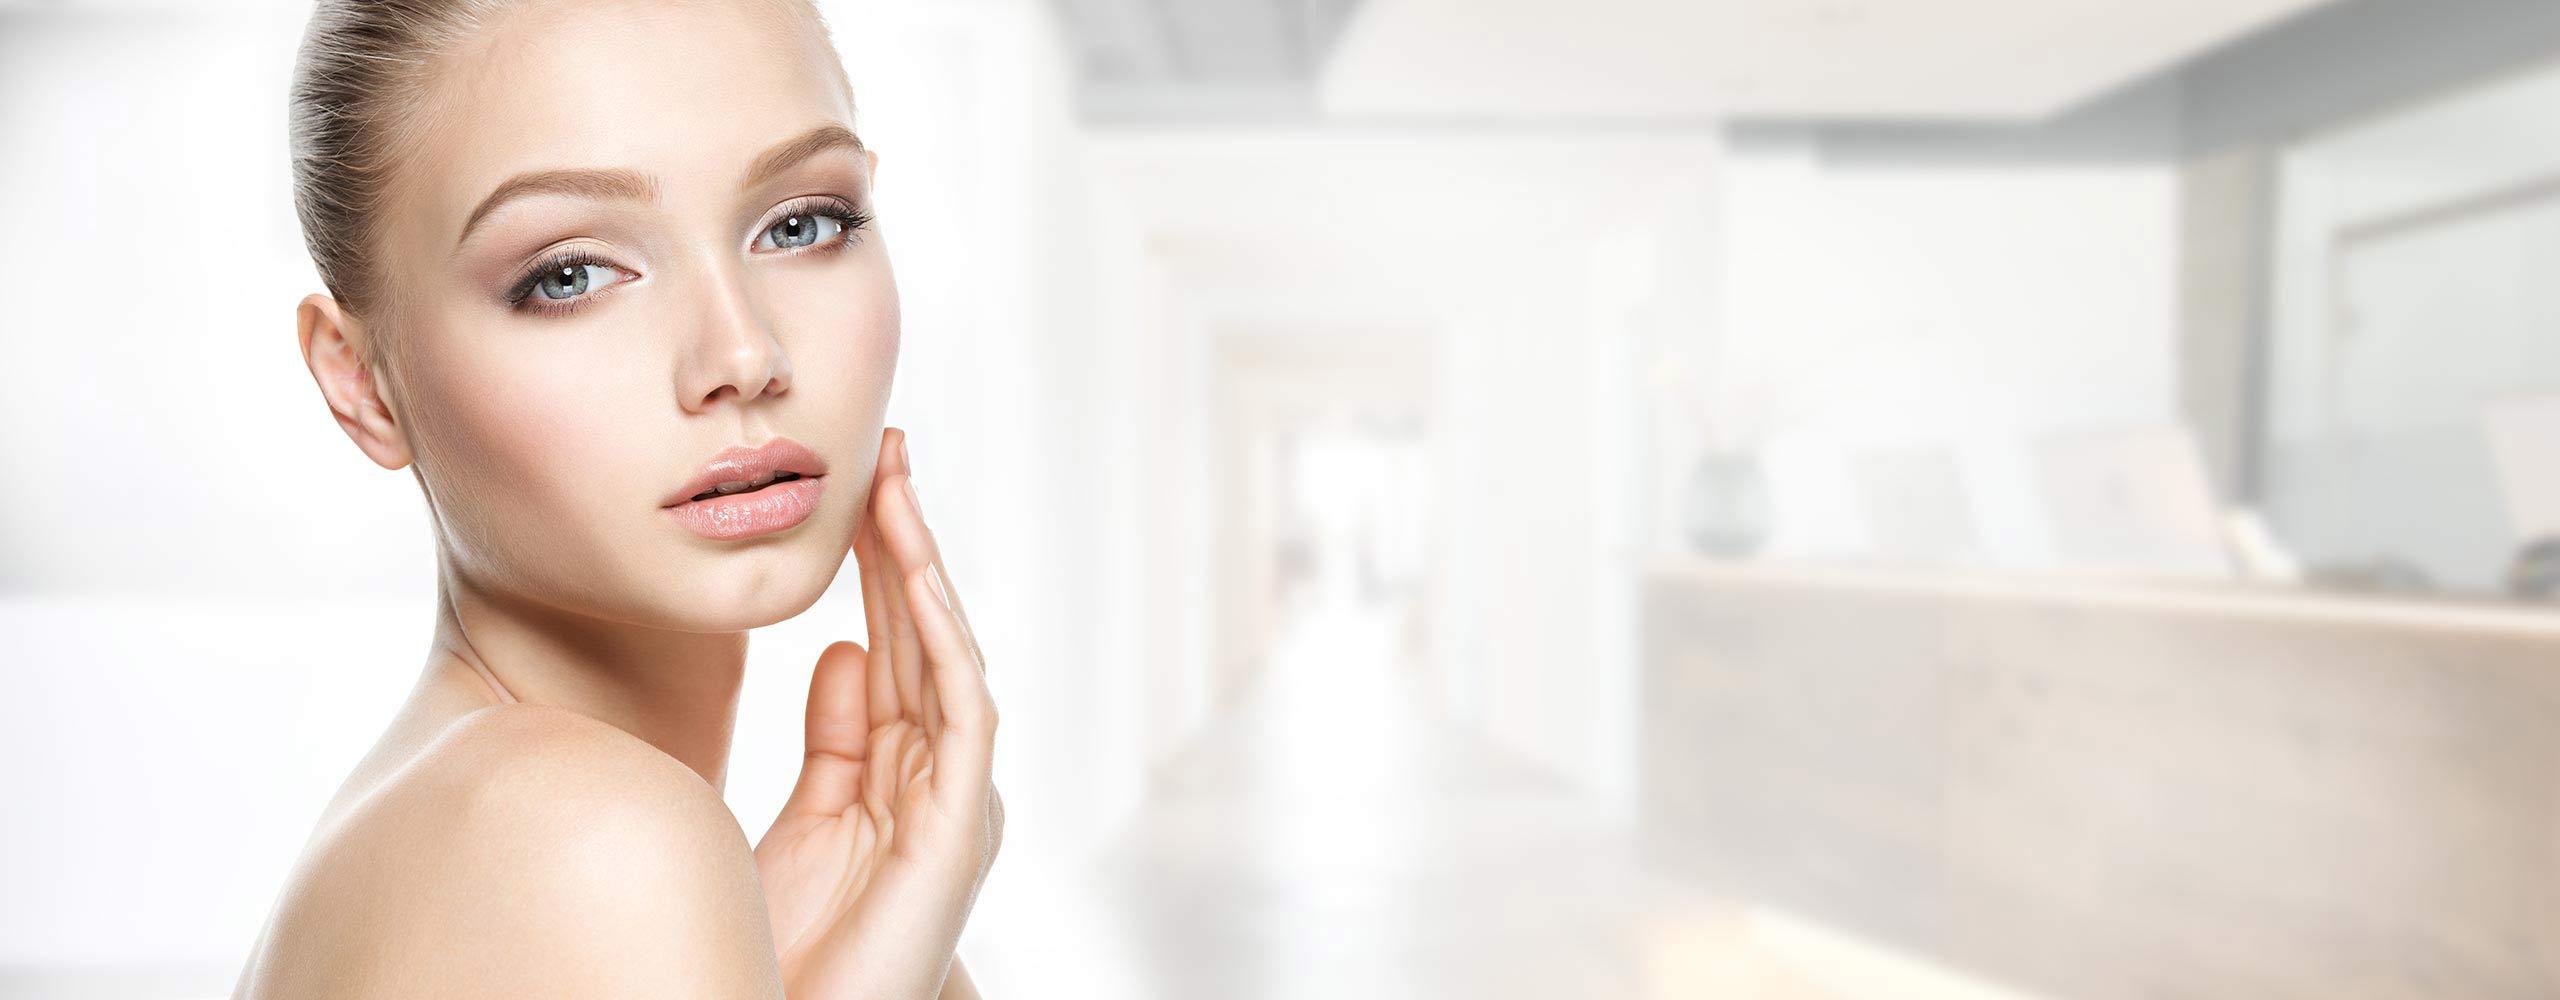 lippen aufspritzen schoenheitsklinik proaesthetic header